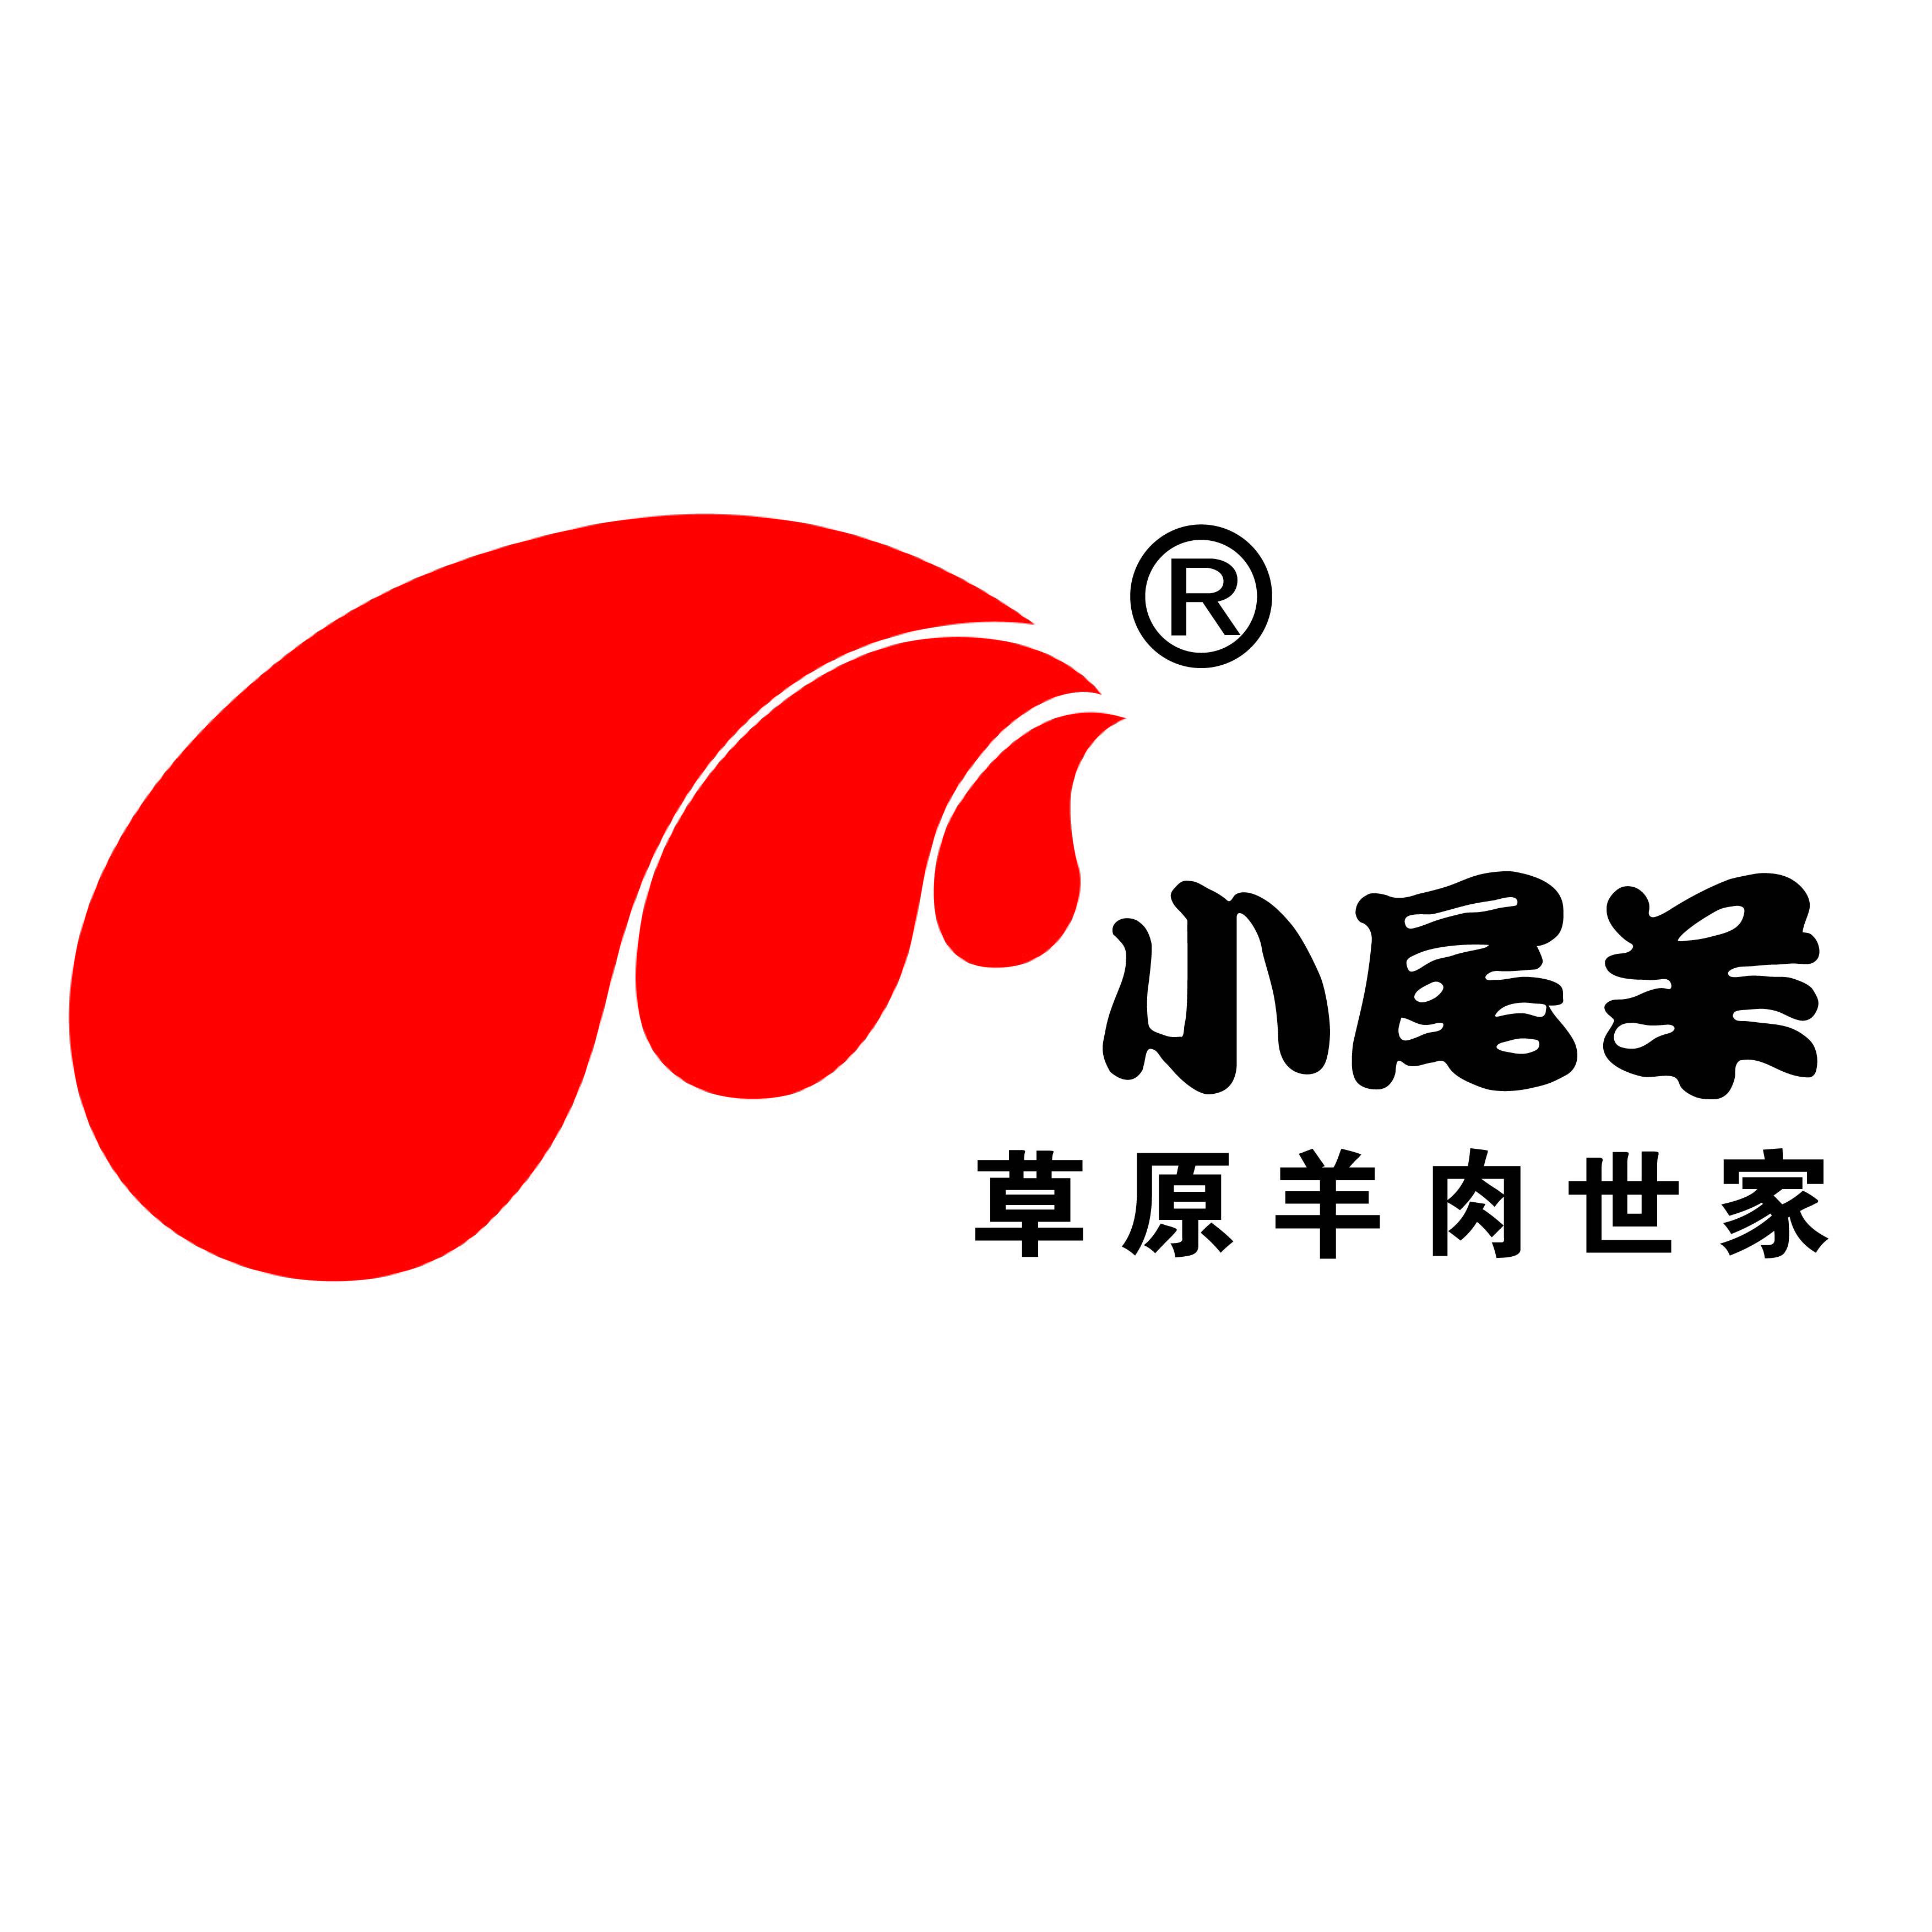 内蒙古小尾羊食品有限公司